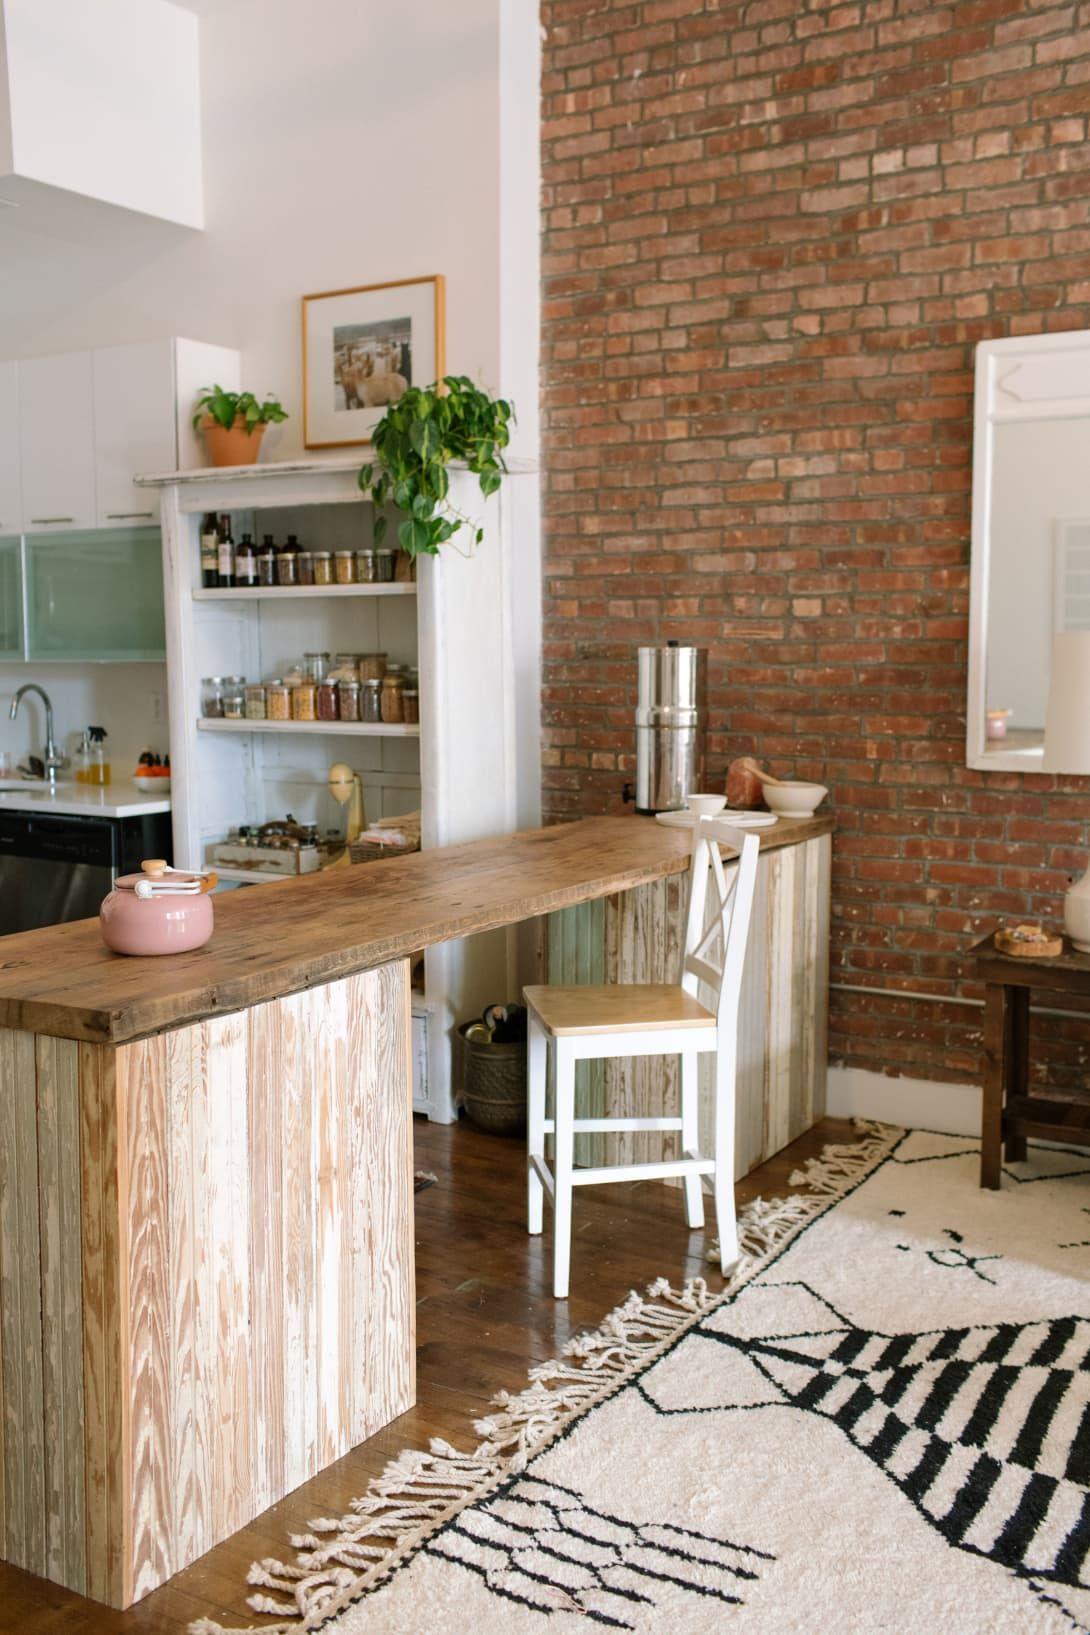 a warm organic brooklyn apartment was designed with zero waste in mind interior design on zero waste kitchen interior id=69725